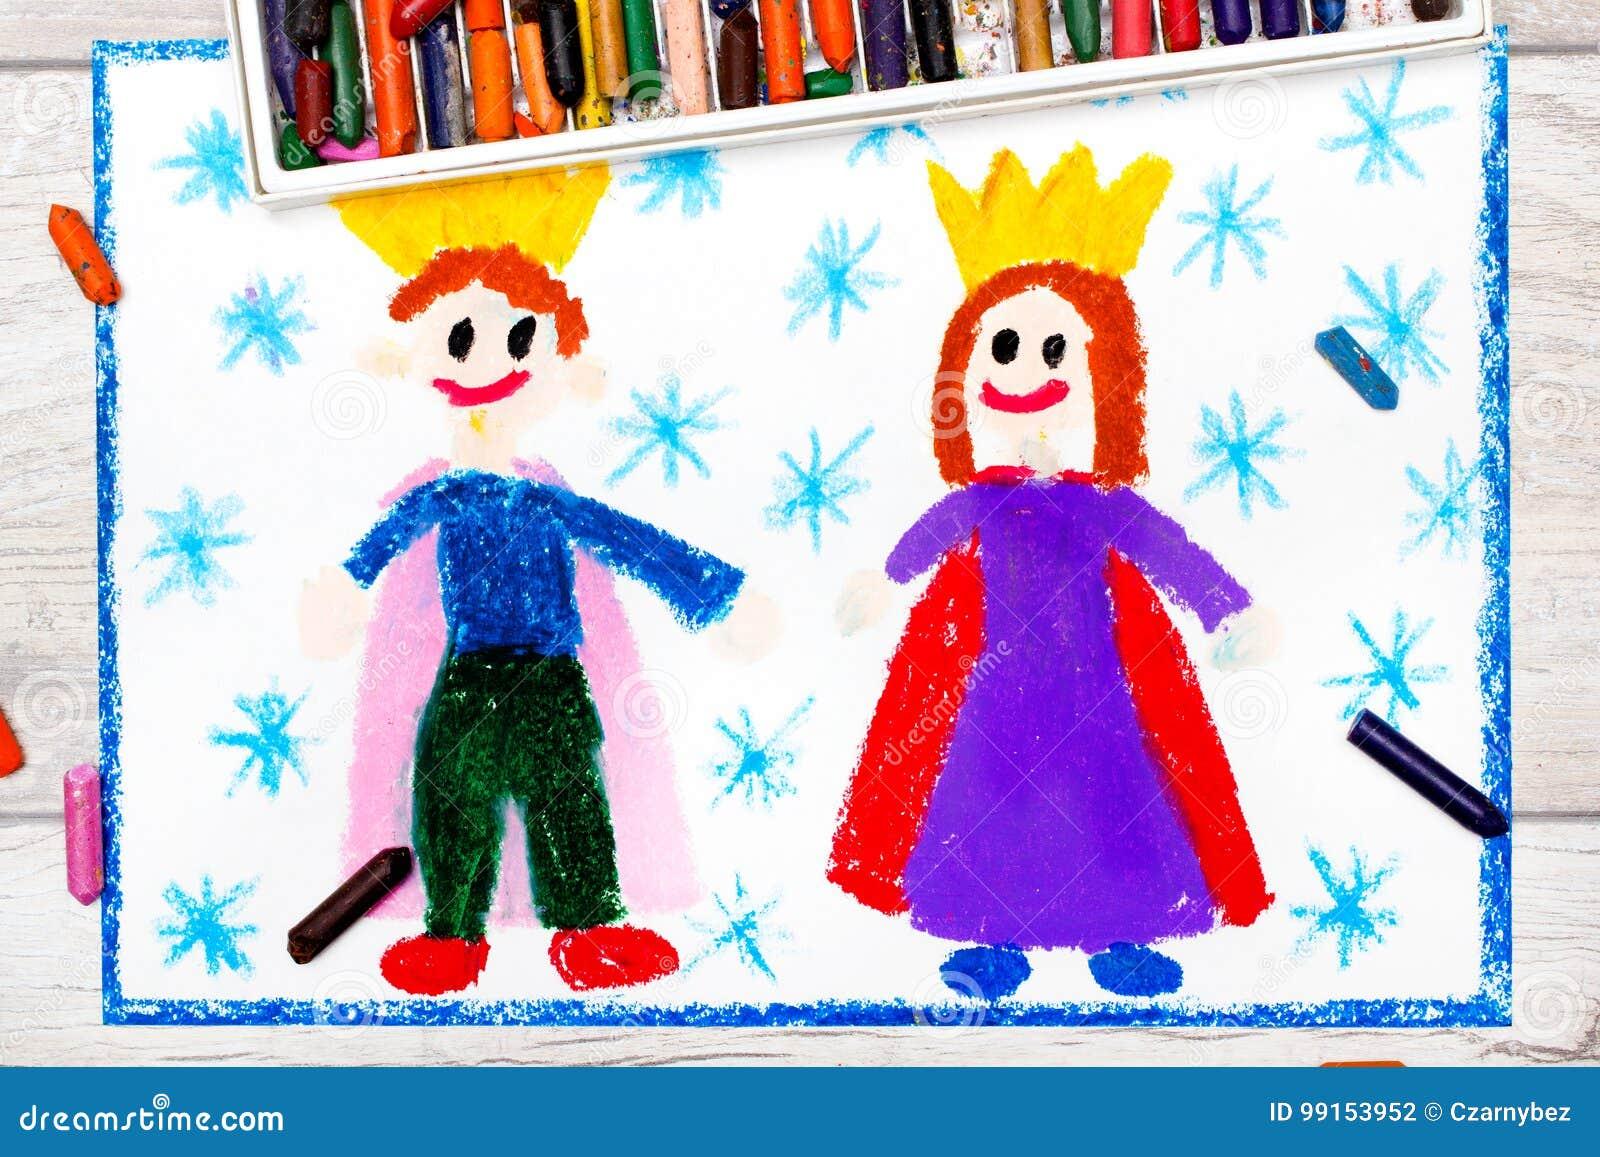 Dibujo Rey Y Reina Sonrientes Con Sus Coronas Stock De Ilustración